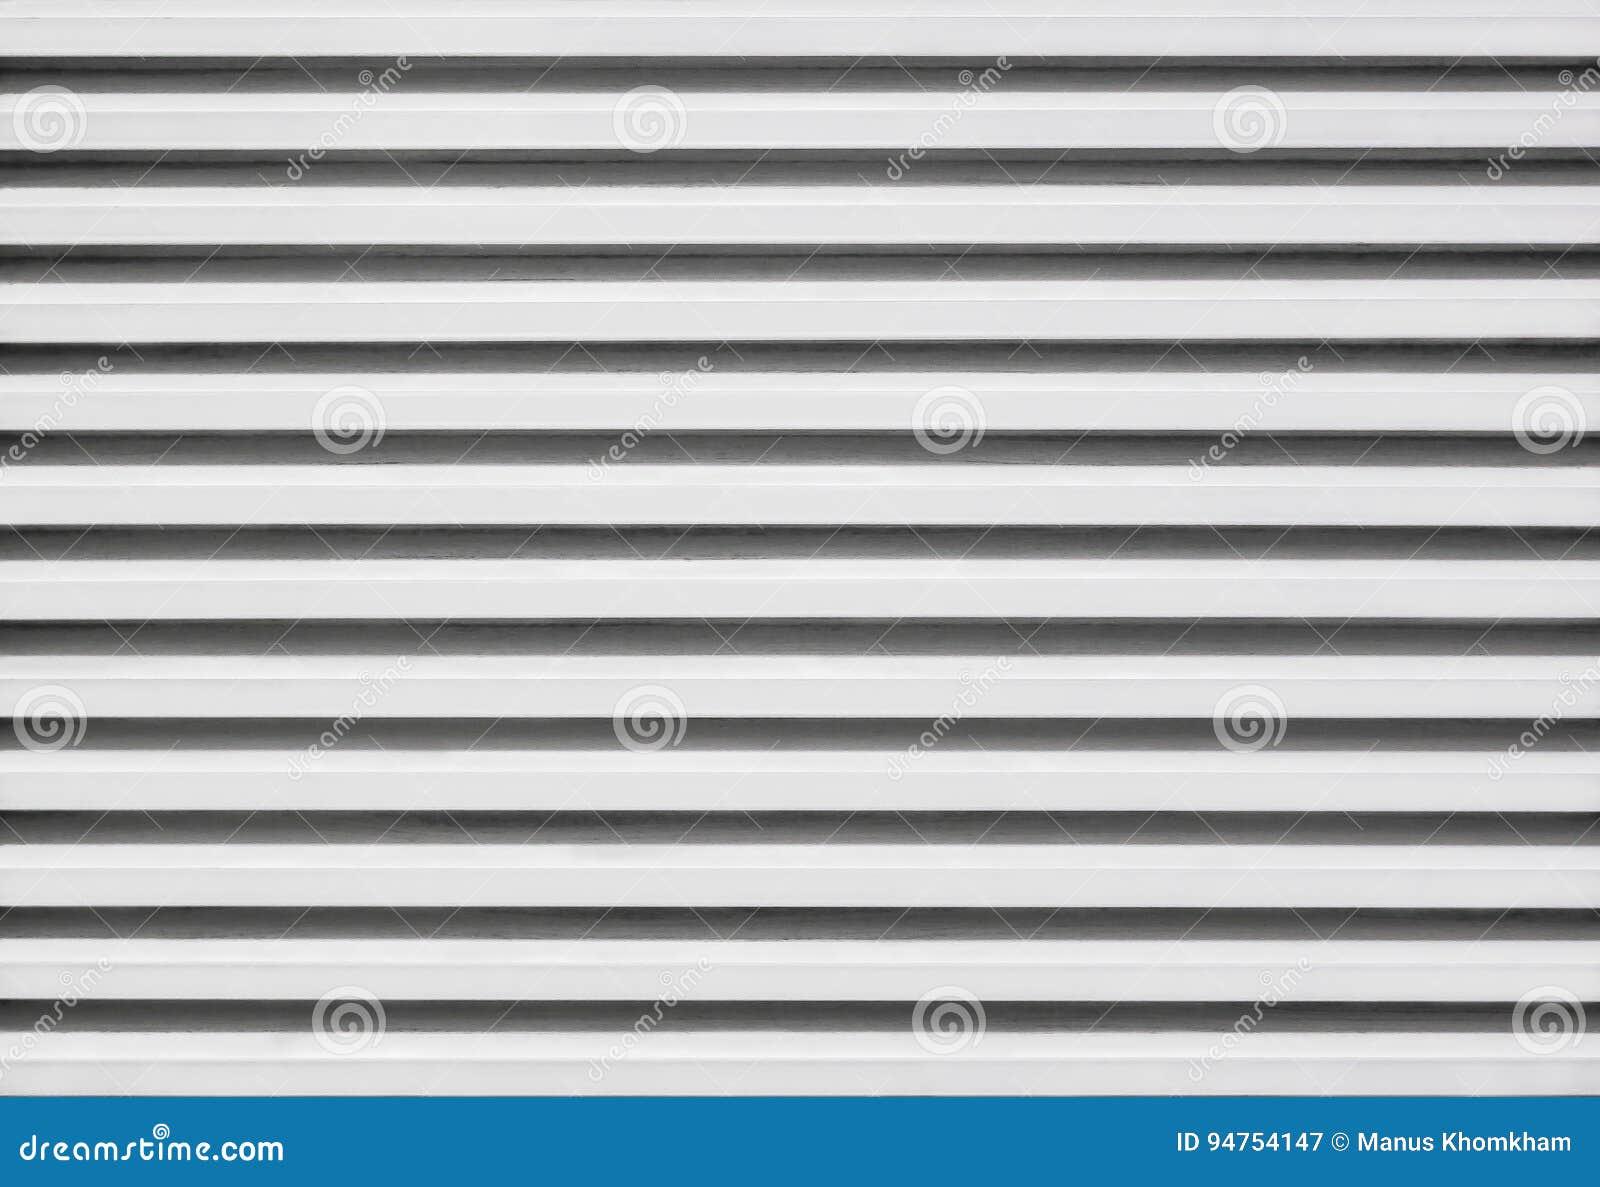 Aluminium zinc louver pattern